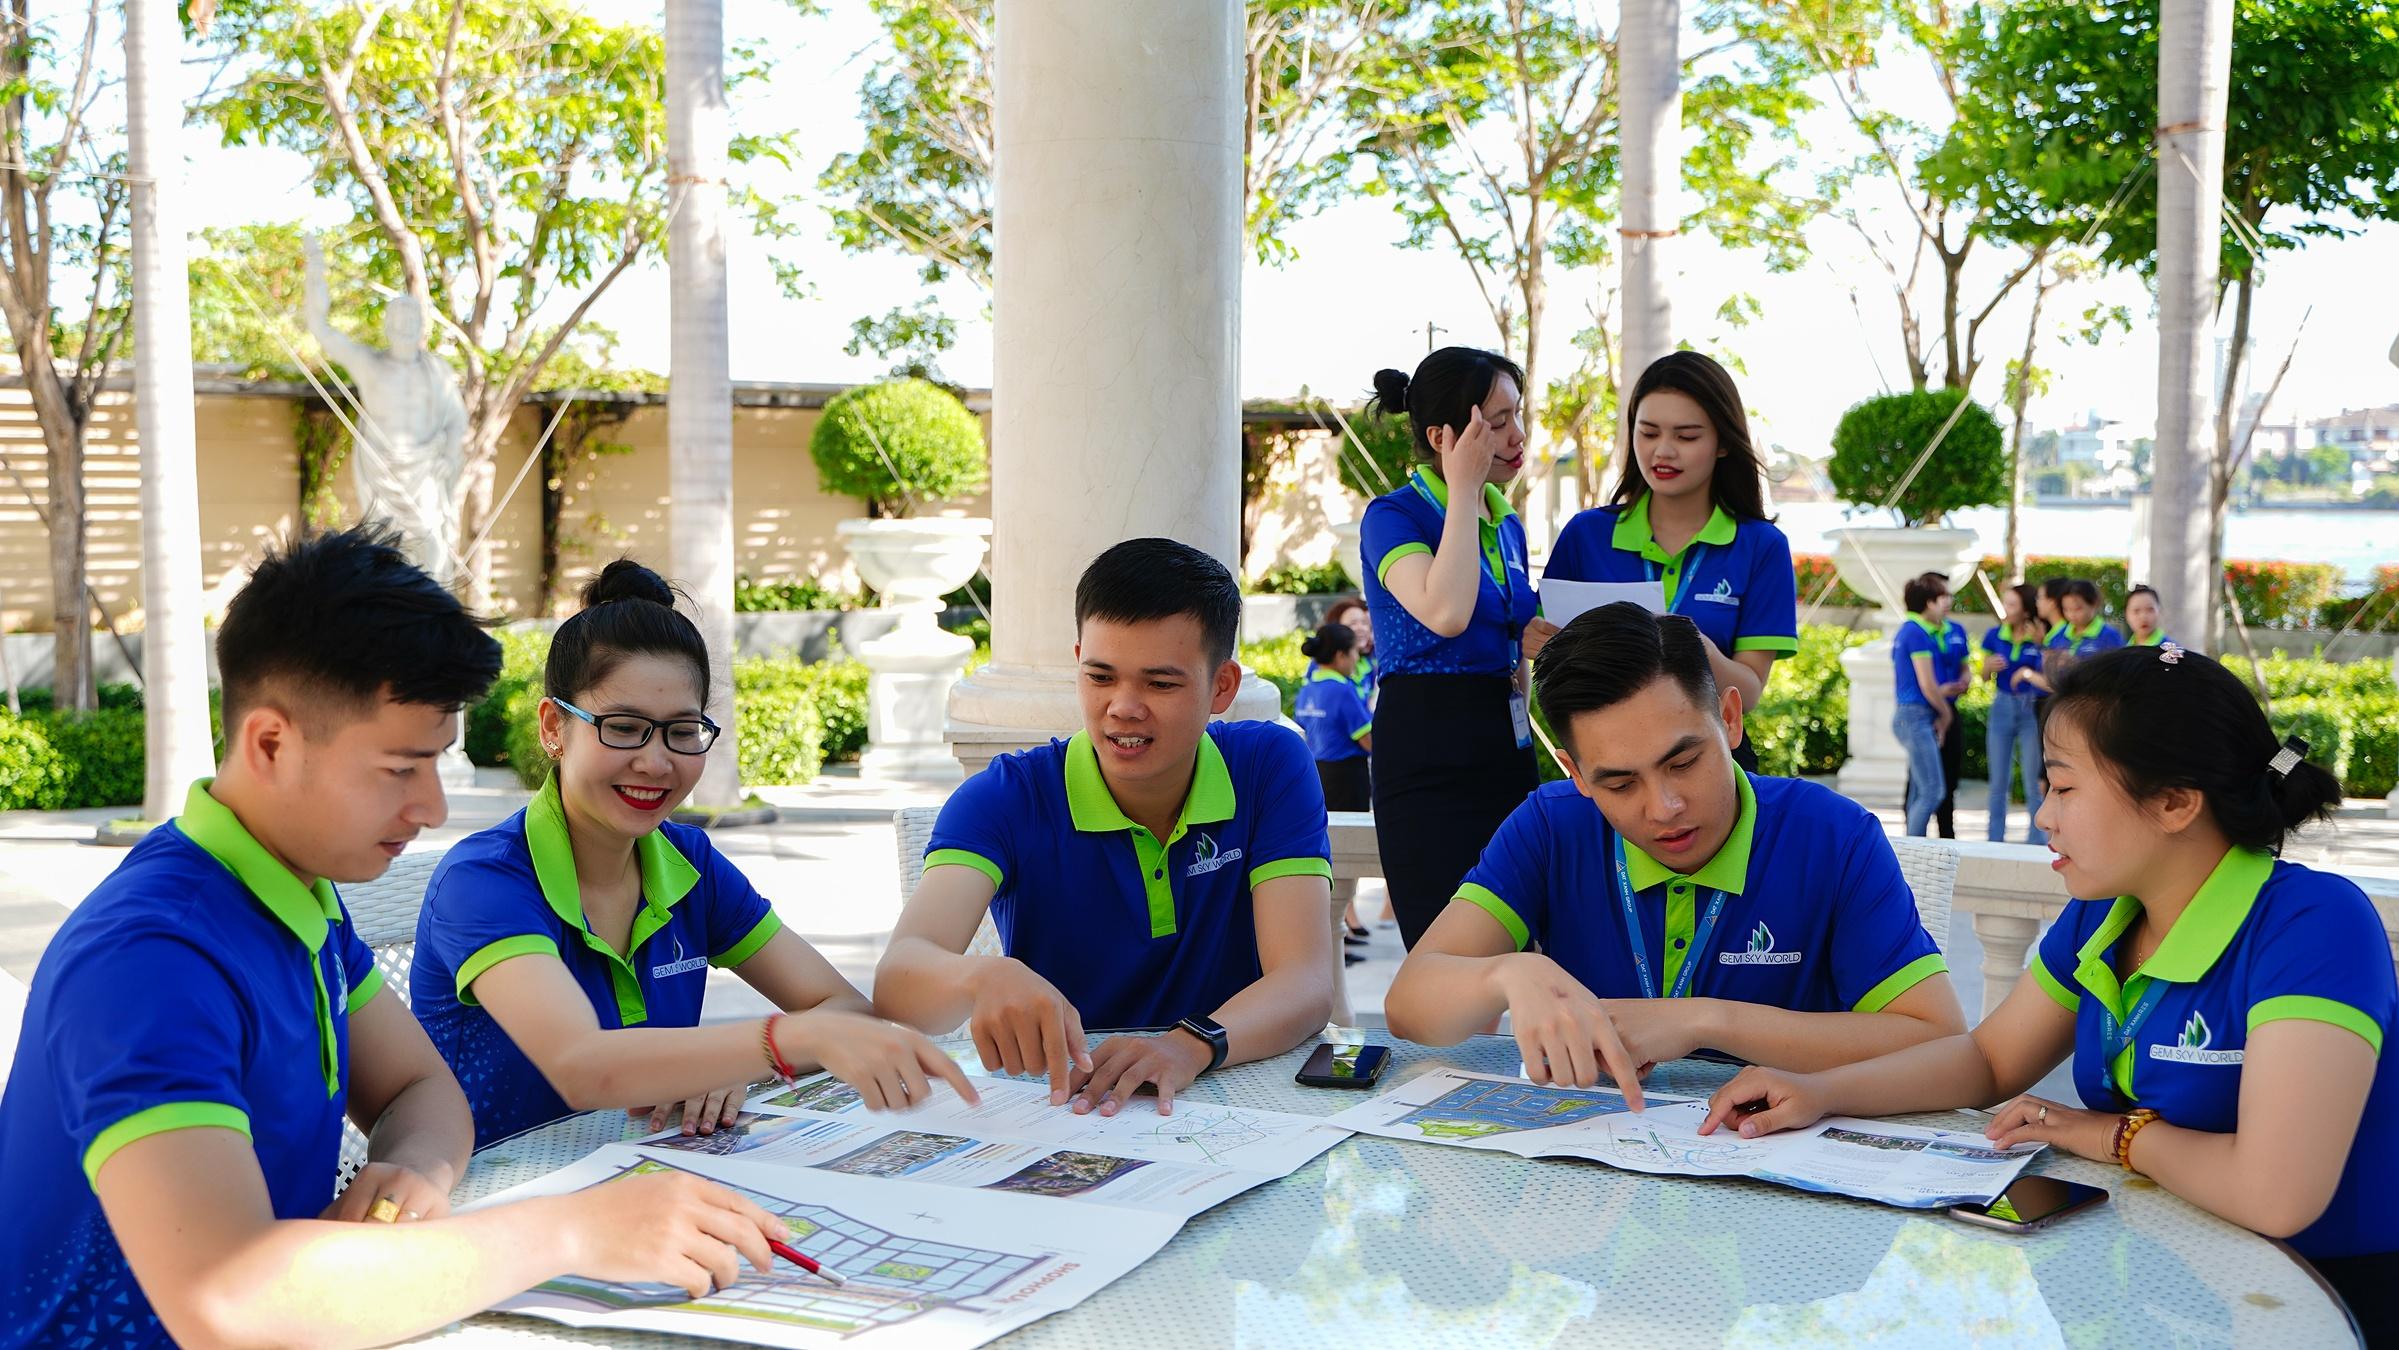 Nhân viên kinh doanh Đất Xanh Services hưởng mức hoa hồng từ 50-85%, cao hàng đầu thị trường. Ảnh: Đất Xanh Services.